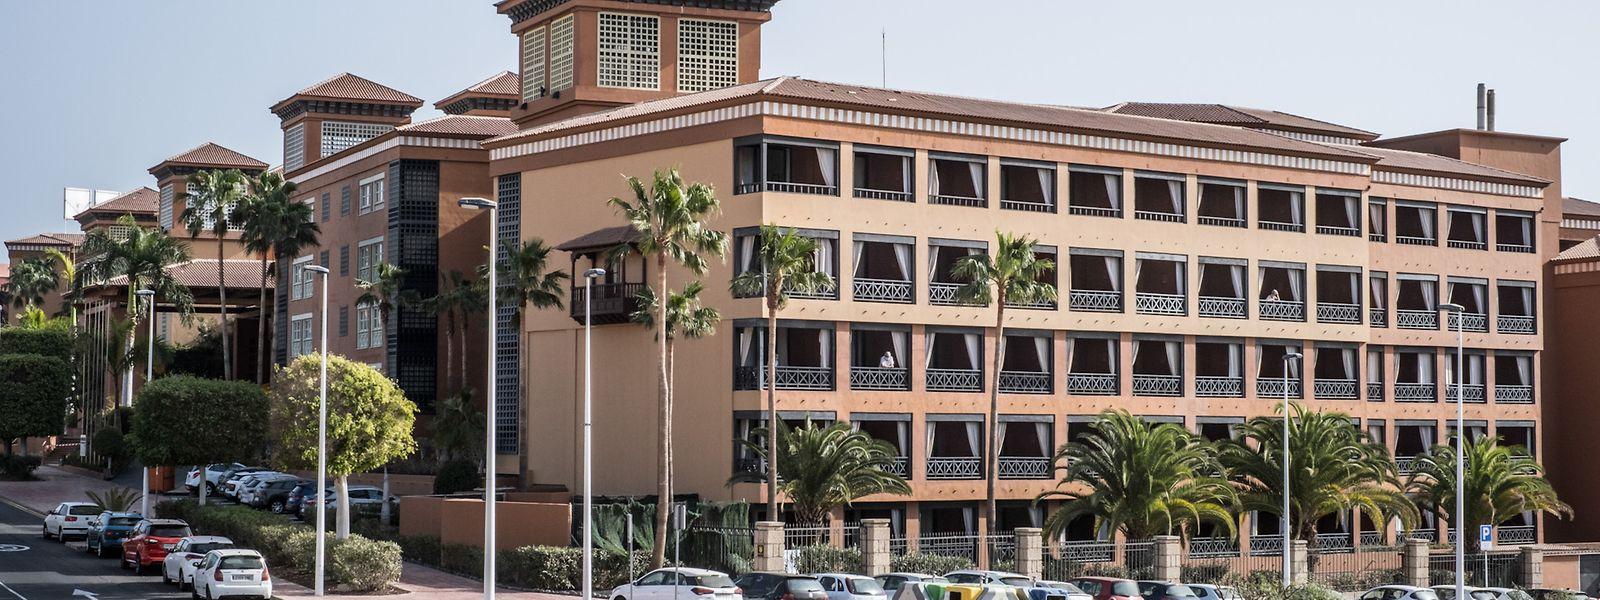 In dem unter Quarantäne gestellten Hotel auf Teneriffa wurde ein neuer Infektionsfall gemeldet.